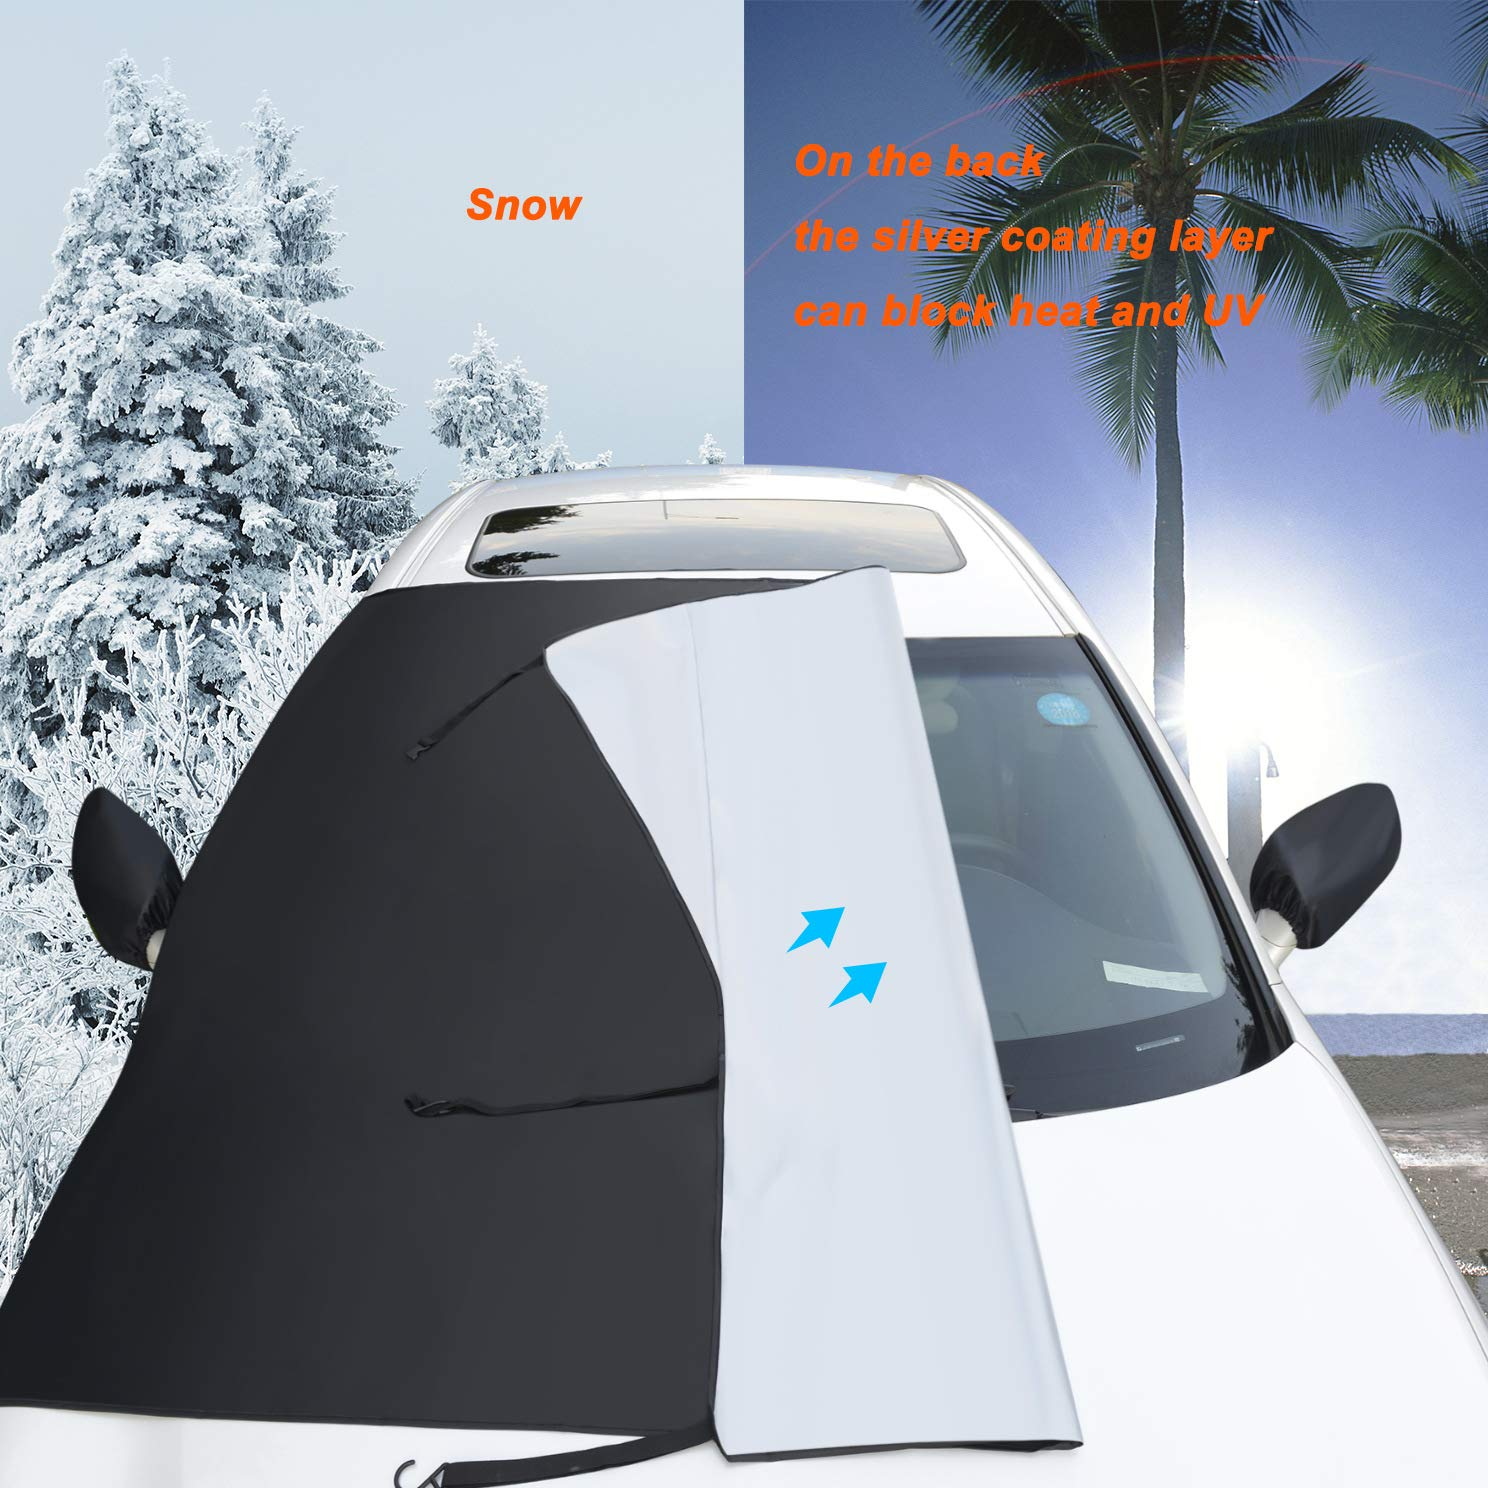 TOPWINRR Auto Frontscheibe Windschutzscheibe Eisschutz Schneeabdeckung Sonnenschutz mit R/ückspiegel Schutz Schnee Frost EIS Protector 205 150cm f/ür Auto SUV LKW